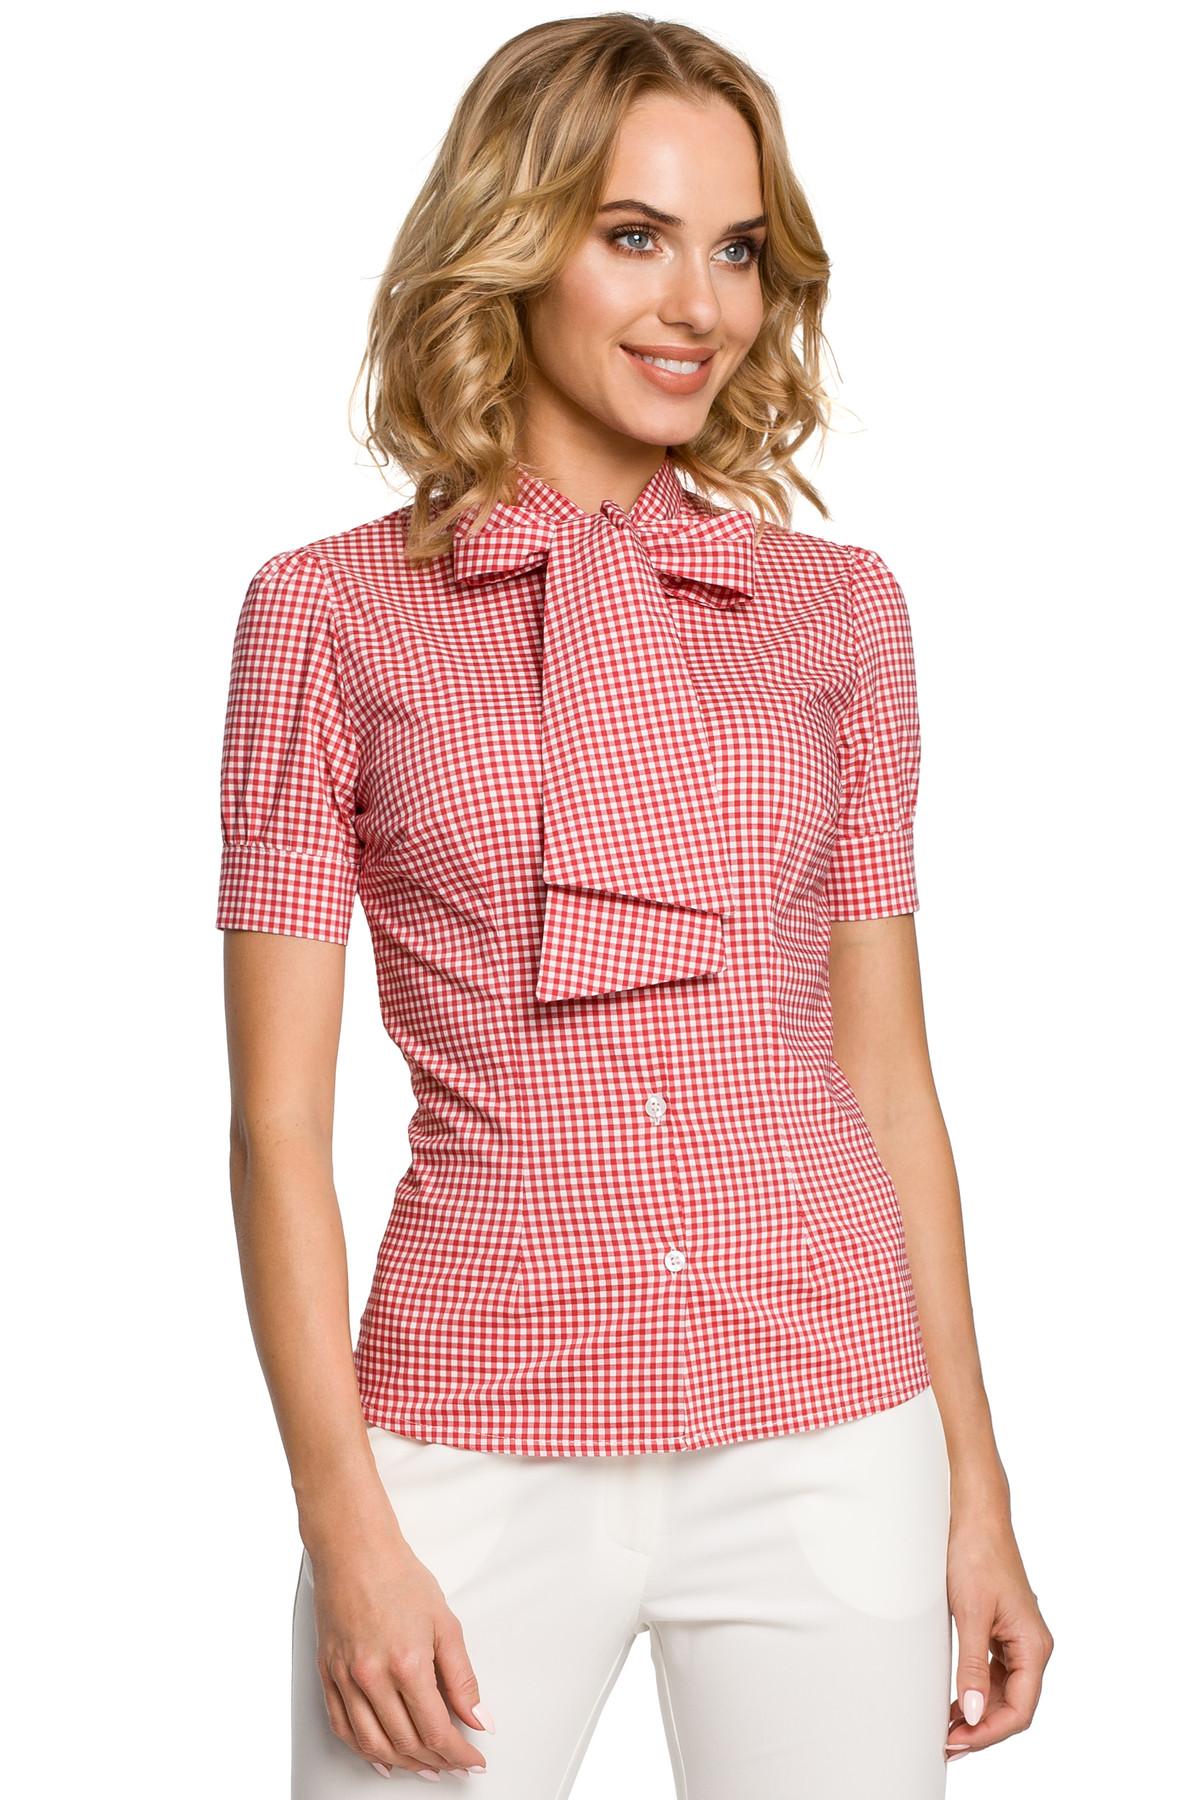 Clea Tailliertes, kariertes Hemd mit Puffärmel und Stehkragen Damen ...